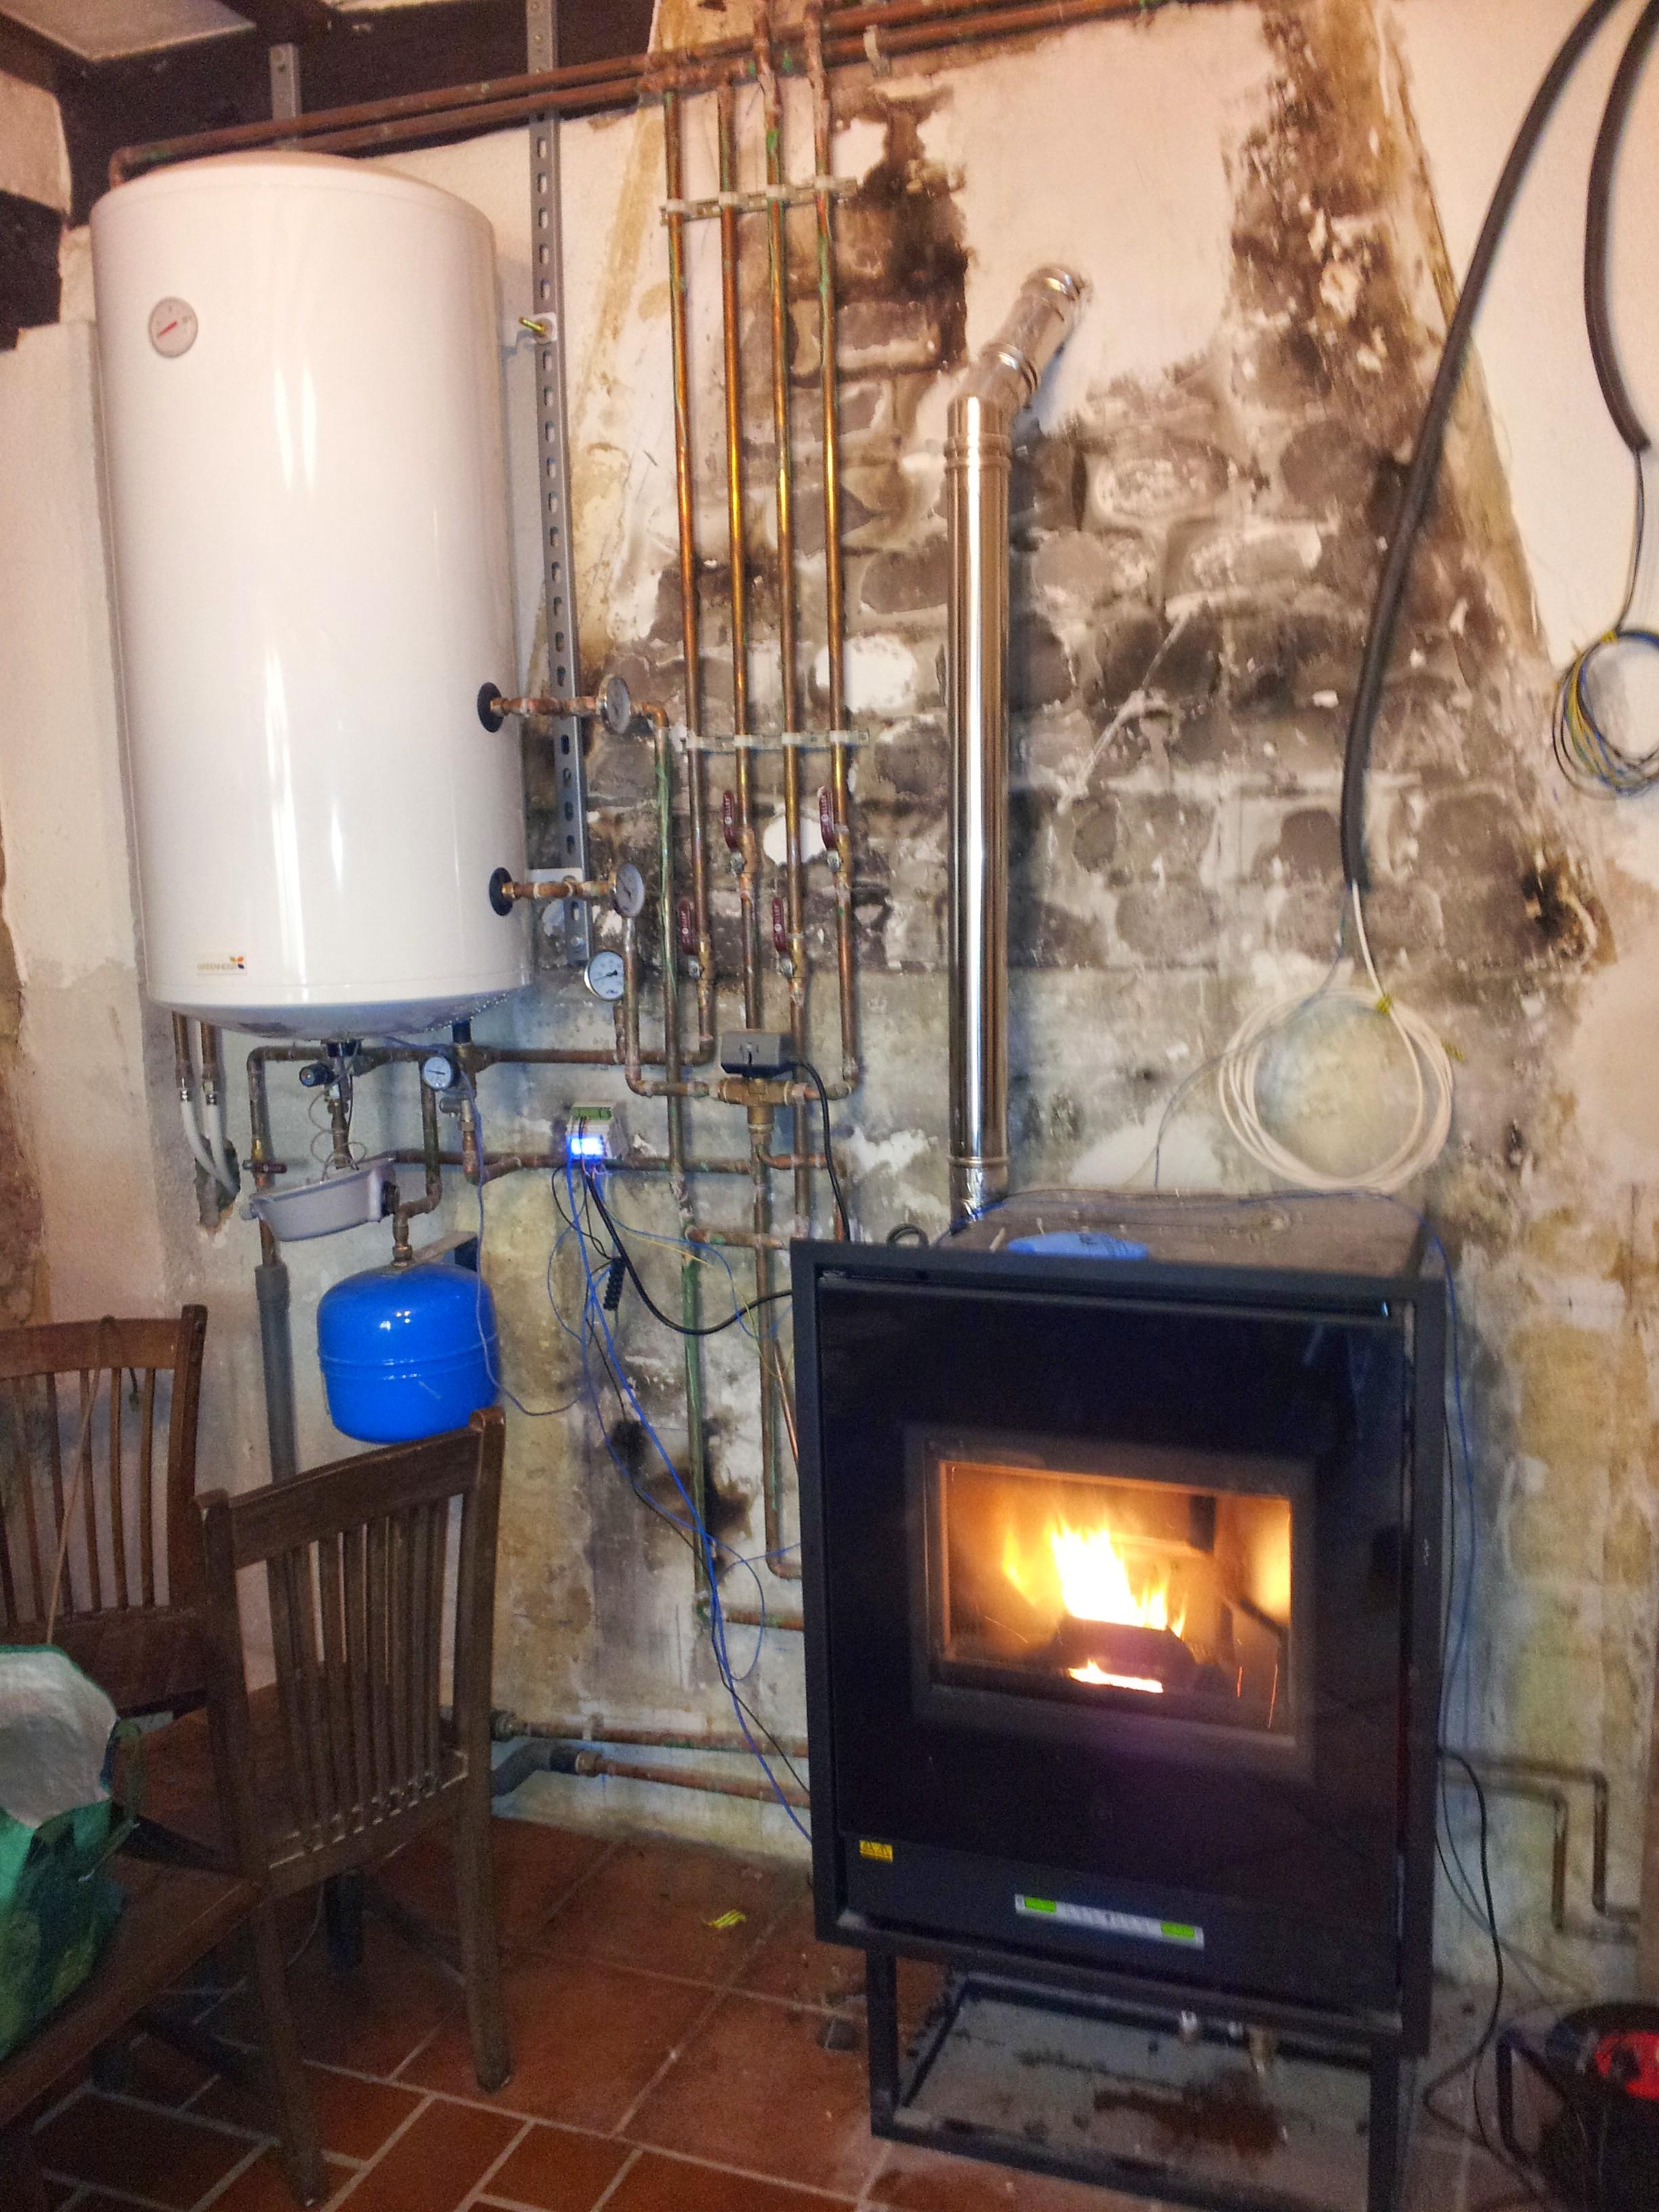 Fontaner a y calefacci n de pellets - Calefaccion lena radiadores ...